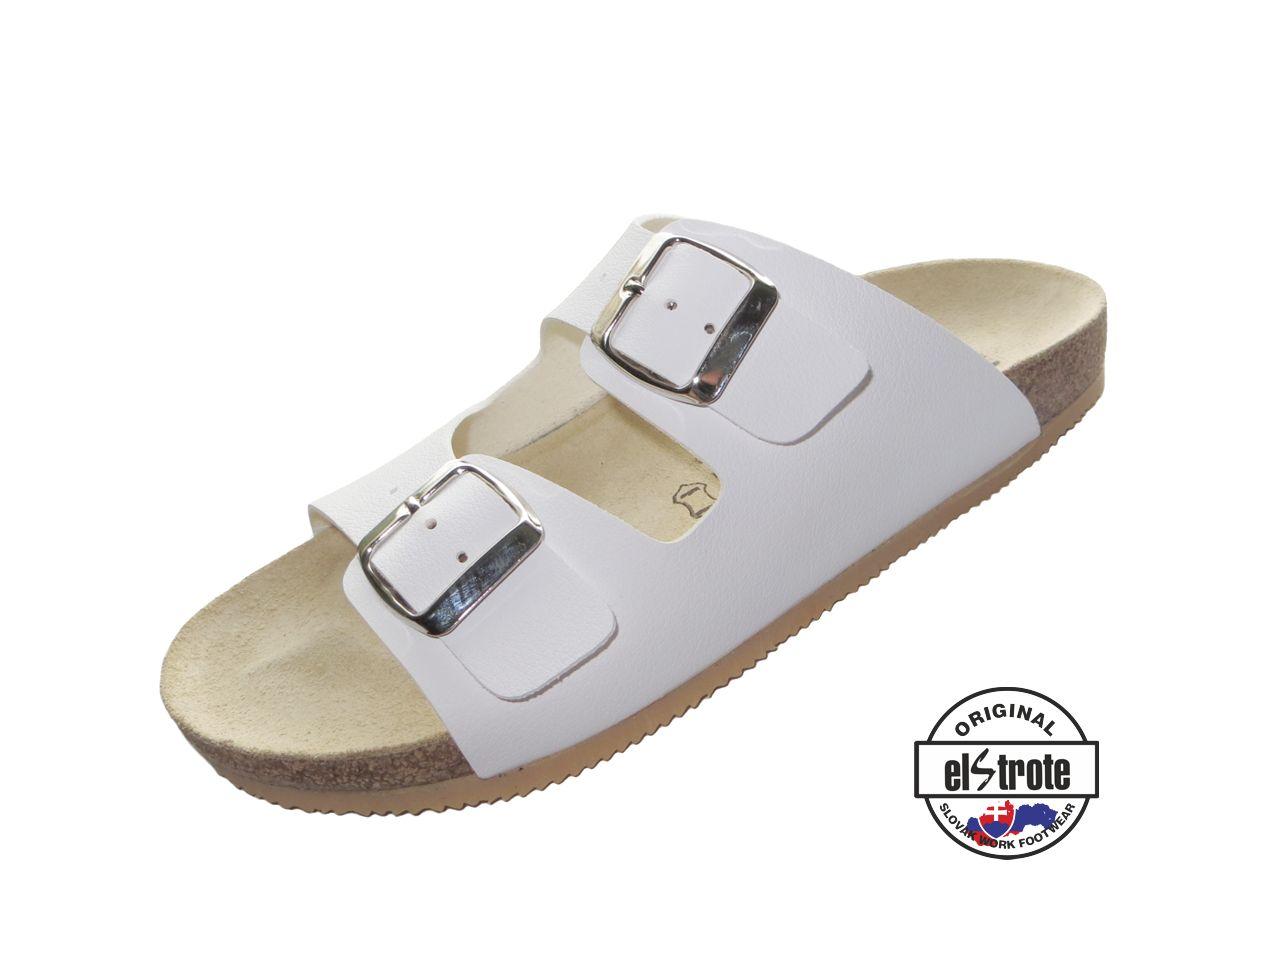 696a15605dde Zdravotná ortopedická obuv - Ortho - dámska - 91 701 D f.10  mixxer.sk